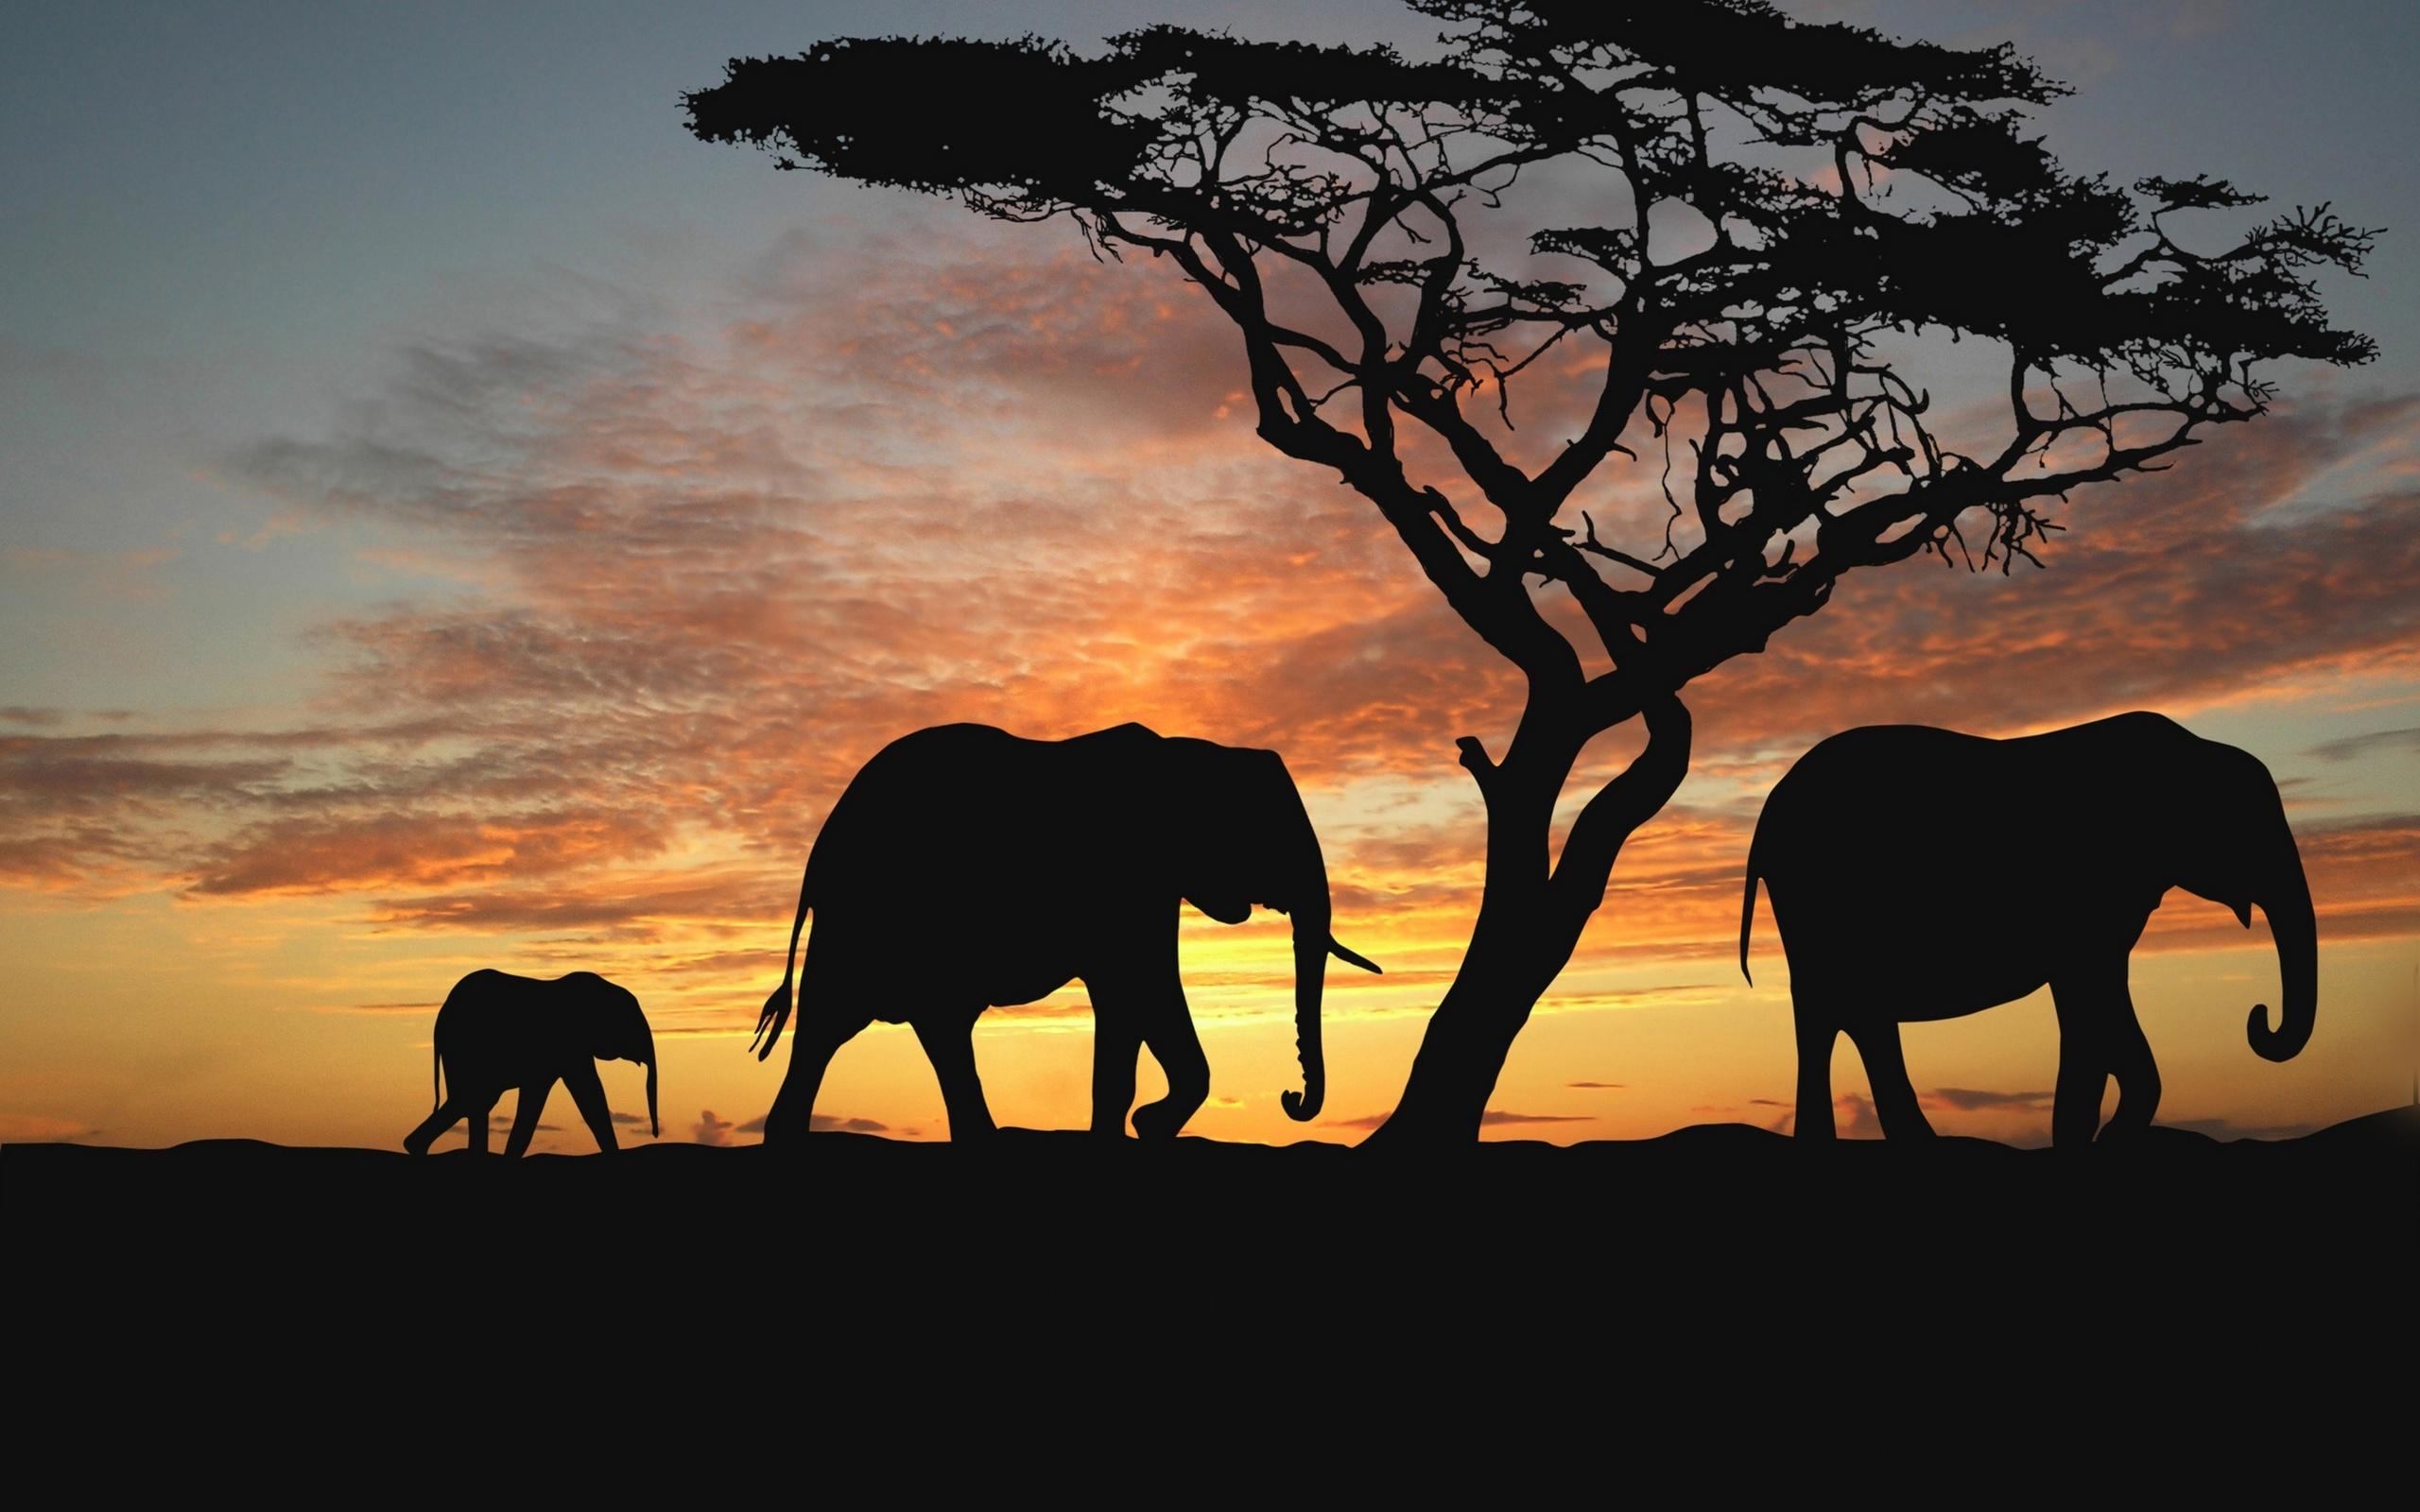 нашей африканские пейзажи картинки зима находится границе